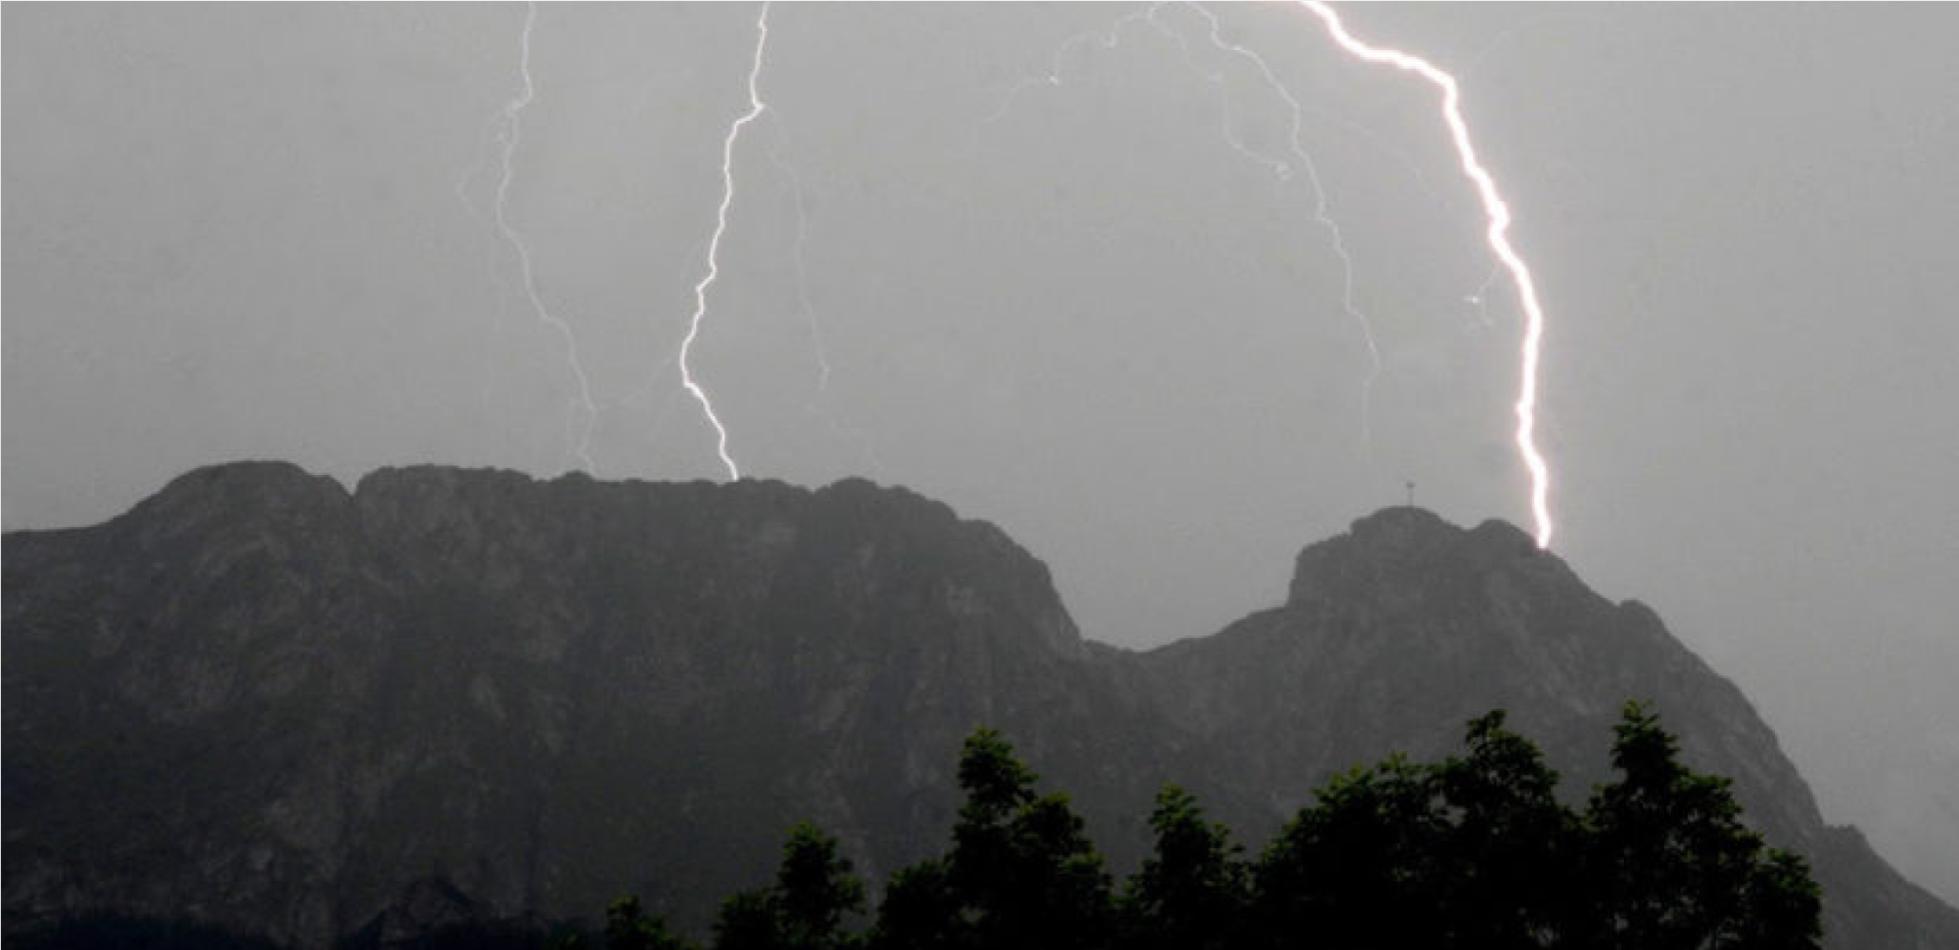 Burza w Tatrach - 21.08.2019